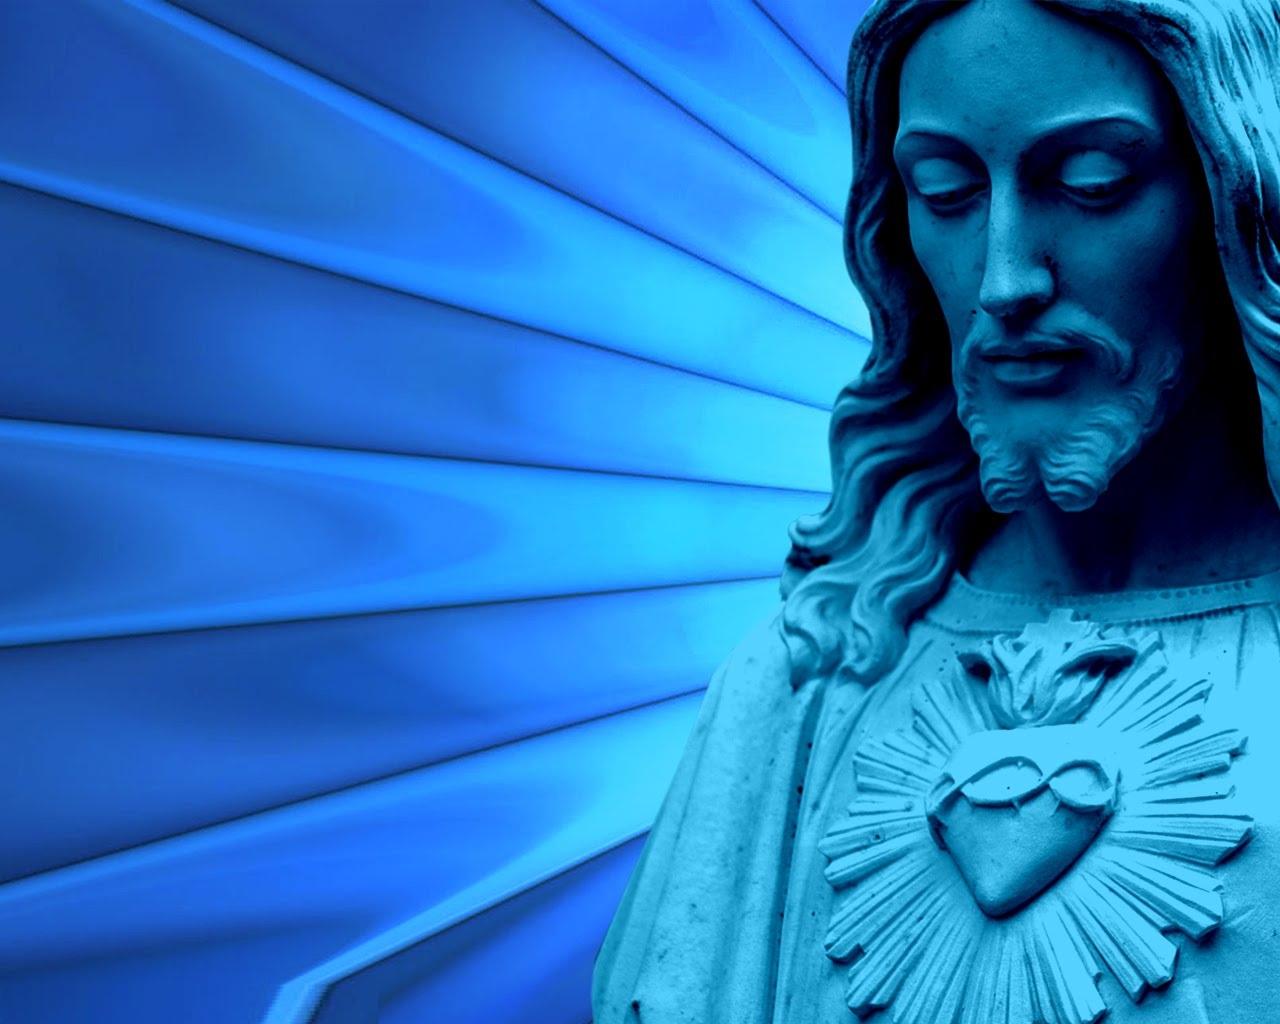 Jesus Wallpaper Hd 2012 Jesus hd wallp 1280x1024